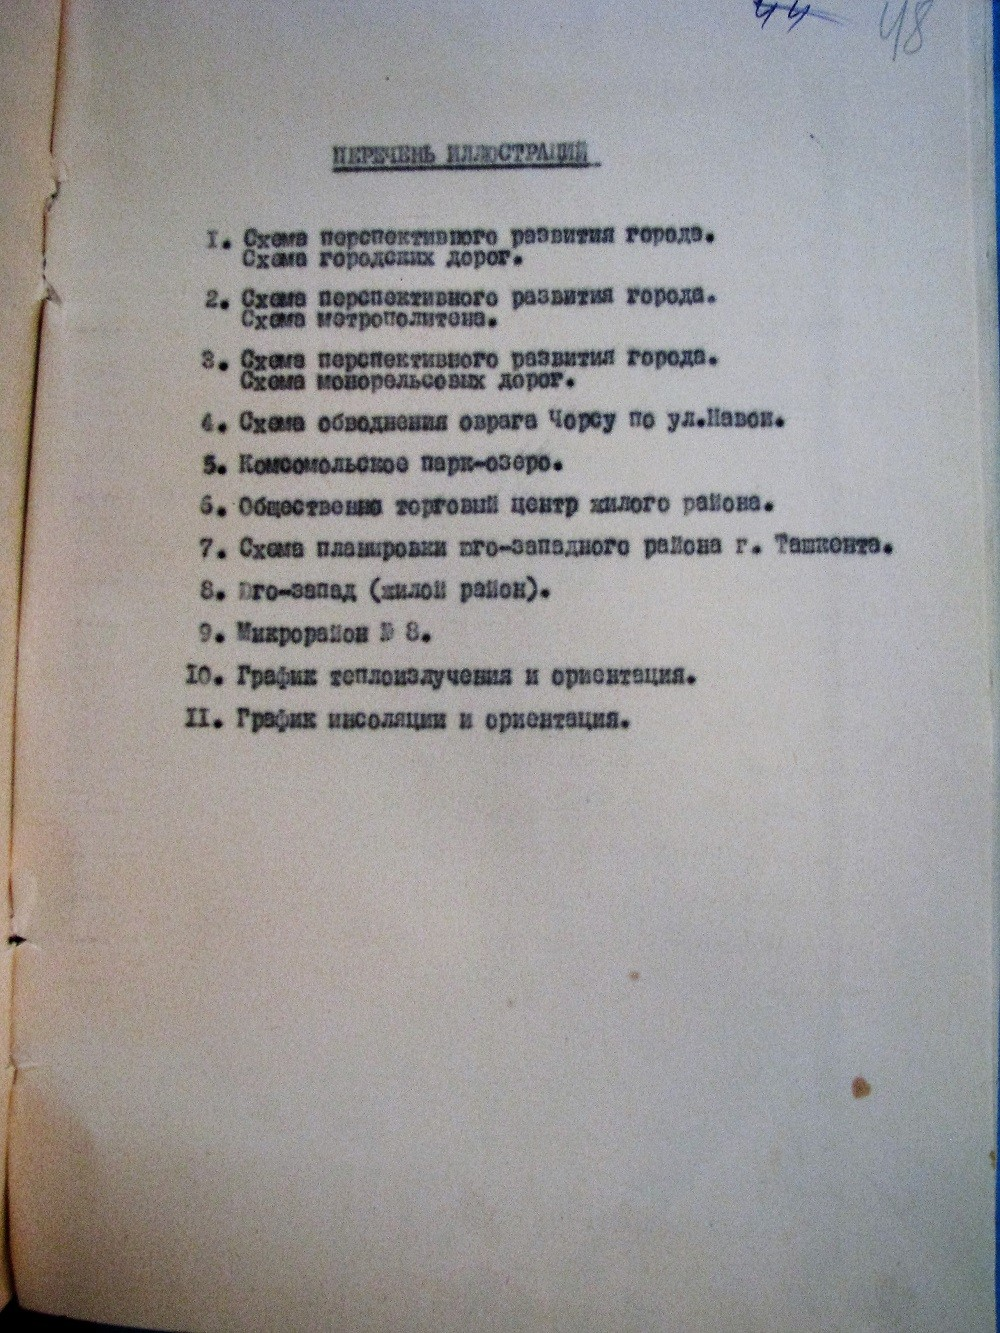 tashkent-1960-56